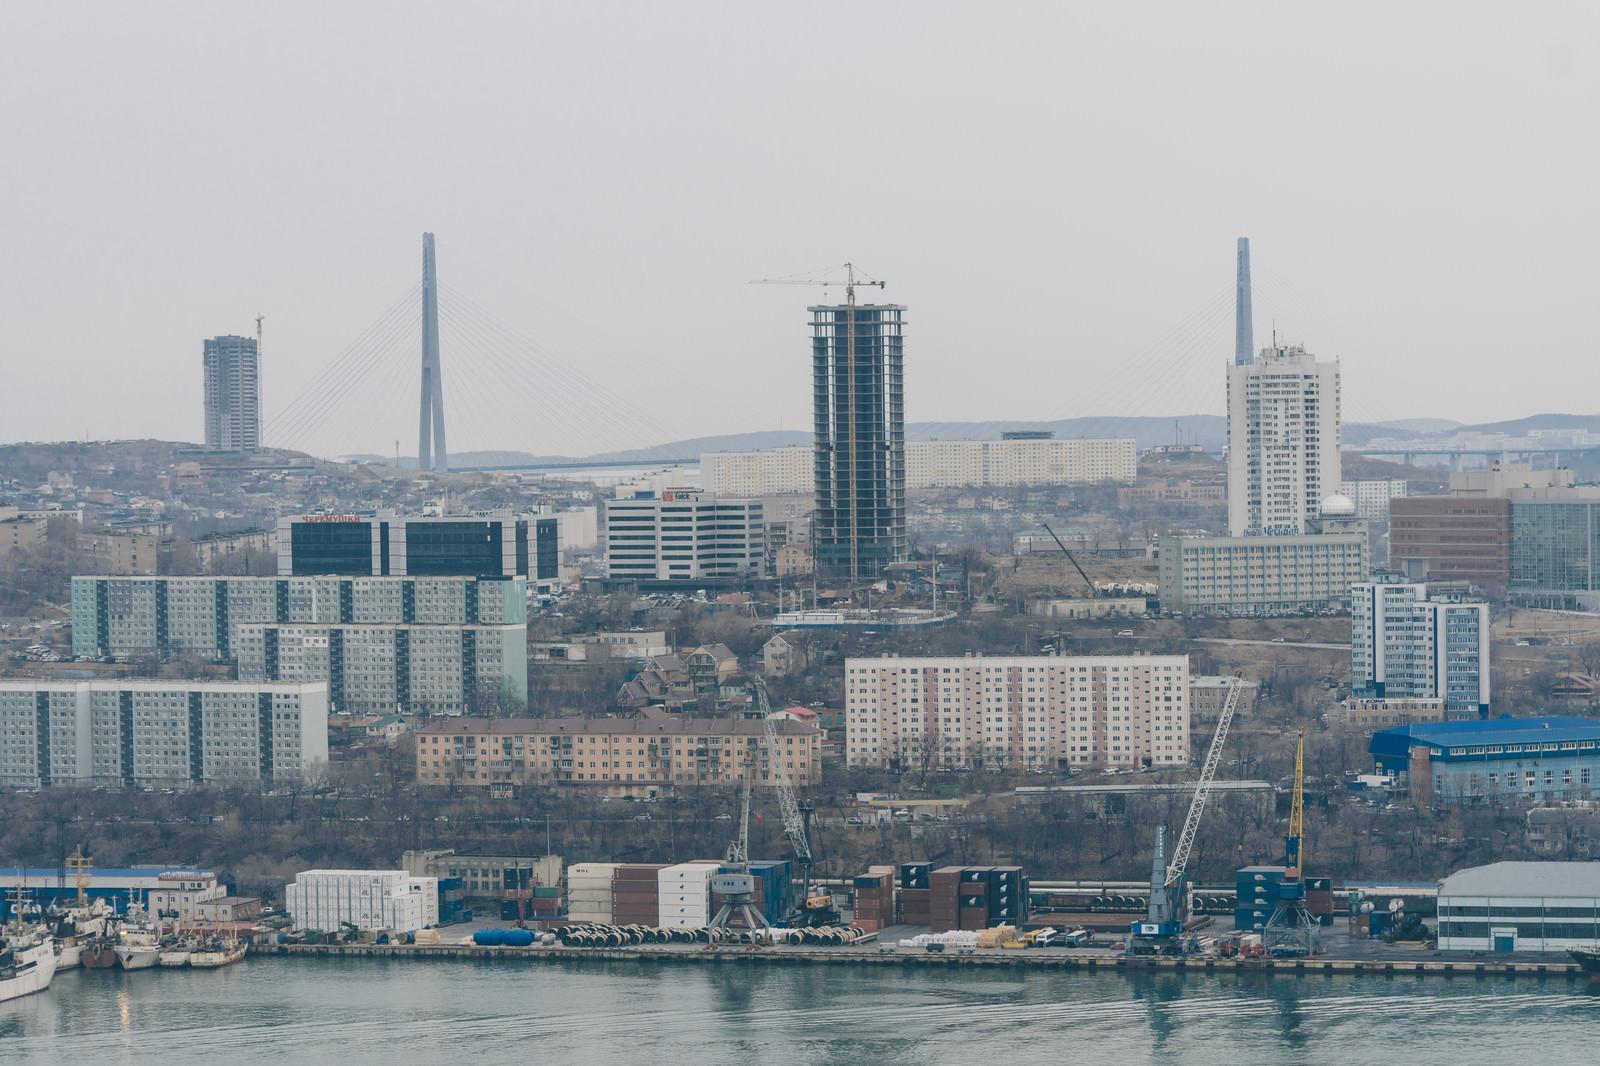 「ウラジオストクの港と建設中の建物」の写真